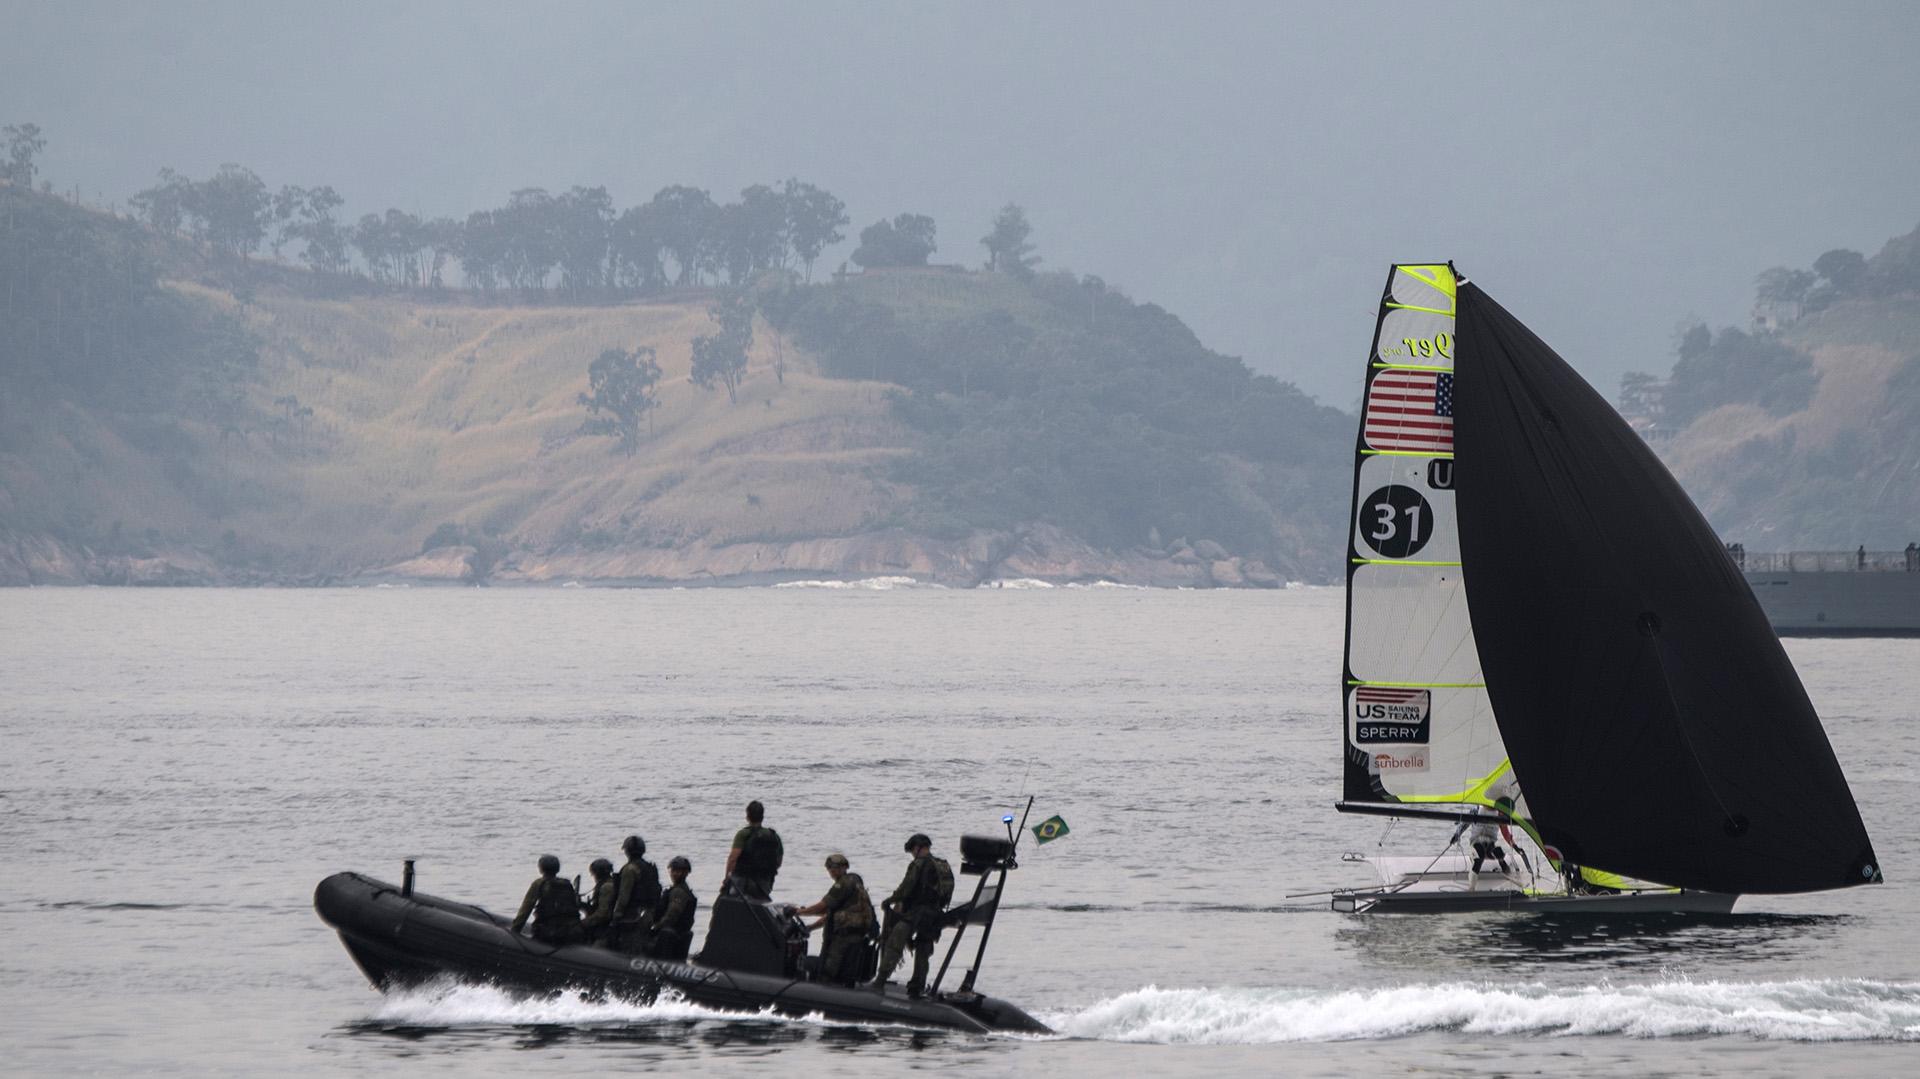 Los marines de Brasil patrullan las aguas de Flamengo en un bote de goma, tal cual lo harán durante las pruebas acuáticas del evento deportivo (AFP)